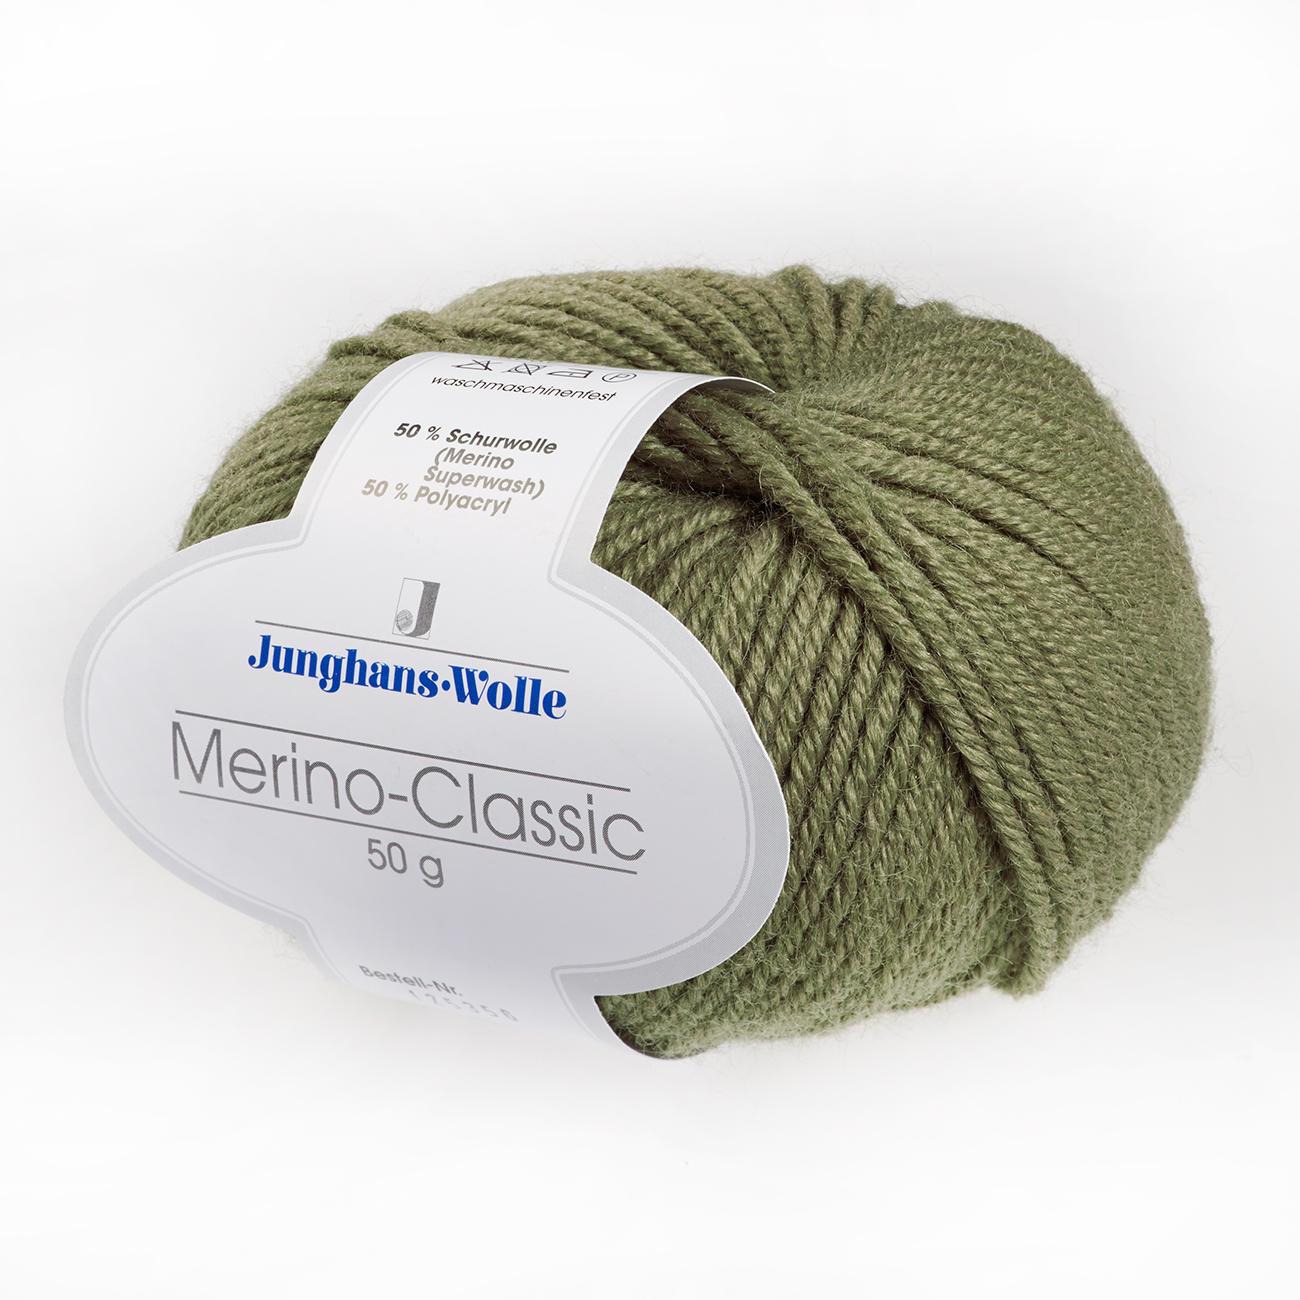 Unterschied Merinowolle Und Schurwolle merino junghans wolle 21 versch farben